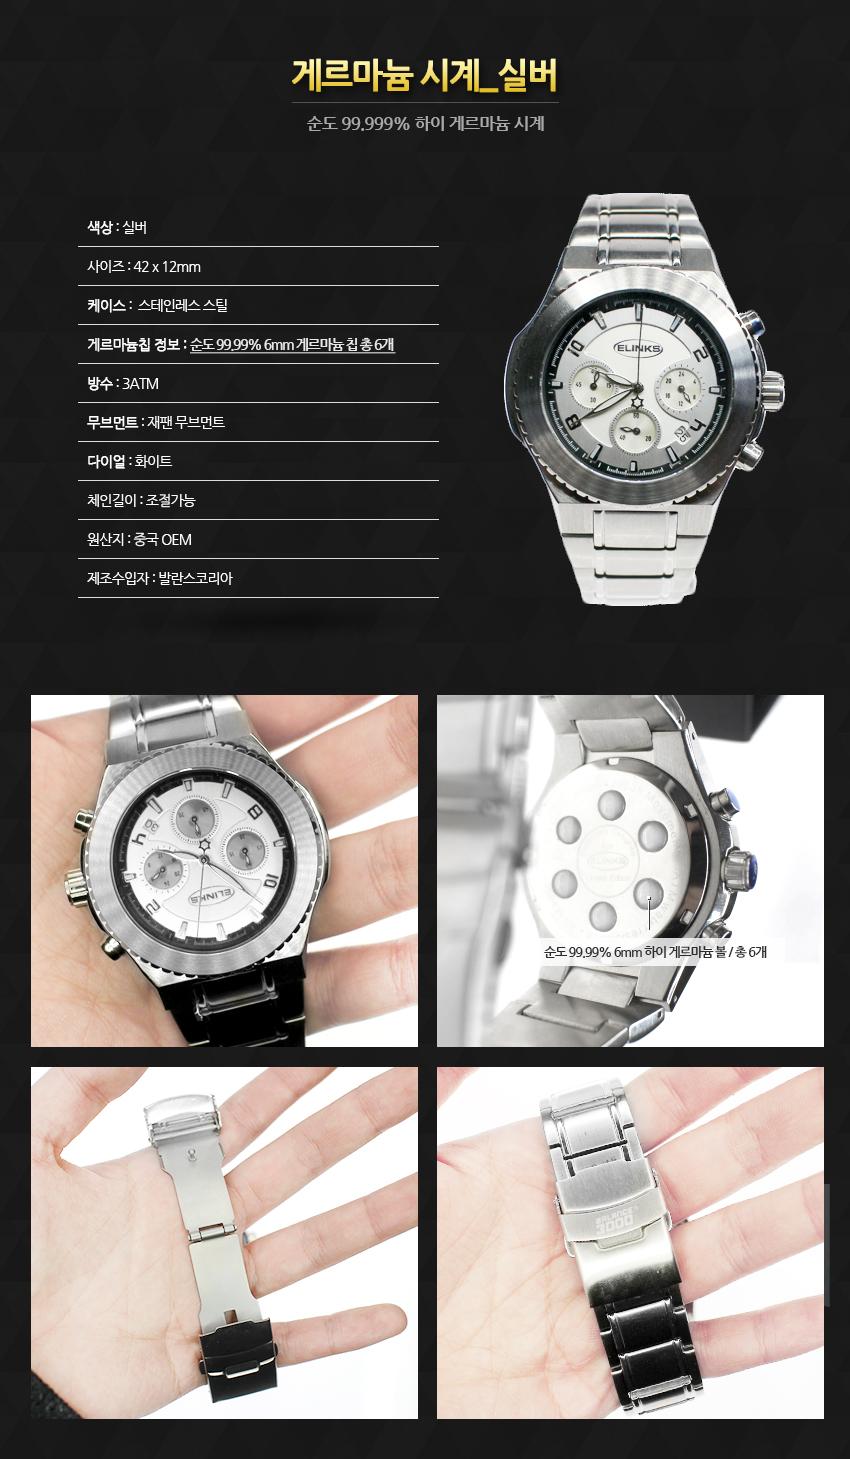 발란스3000 순도 99.99퍼센트 게르마늄 시계 - 발란스3000, 495,000원, 남성시계, 메탈시계